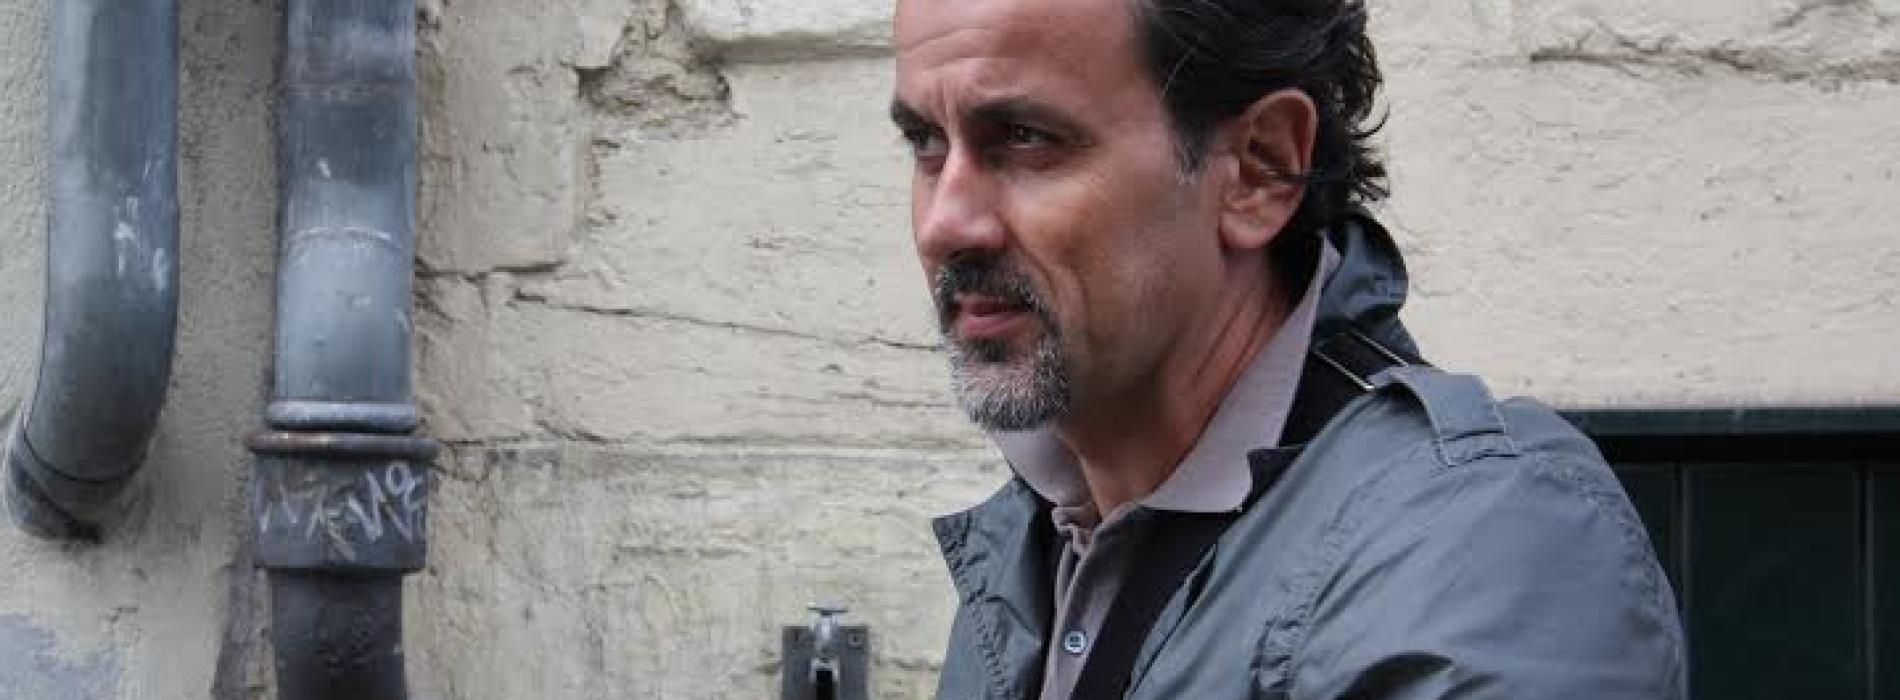 Al NapoliModaDesign l'architetto casertano Guarriello